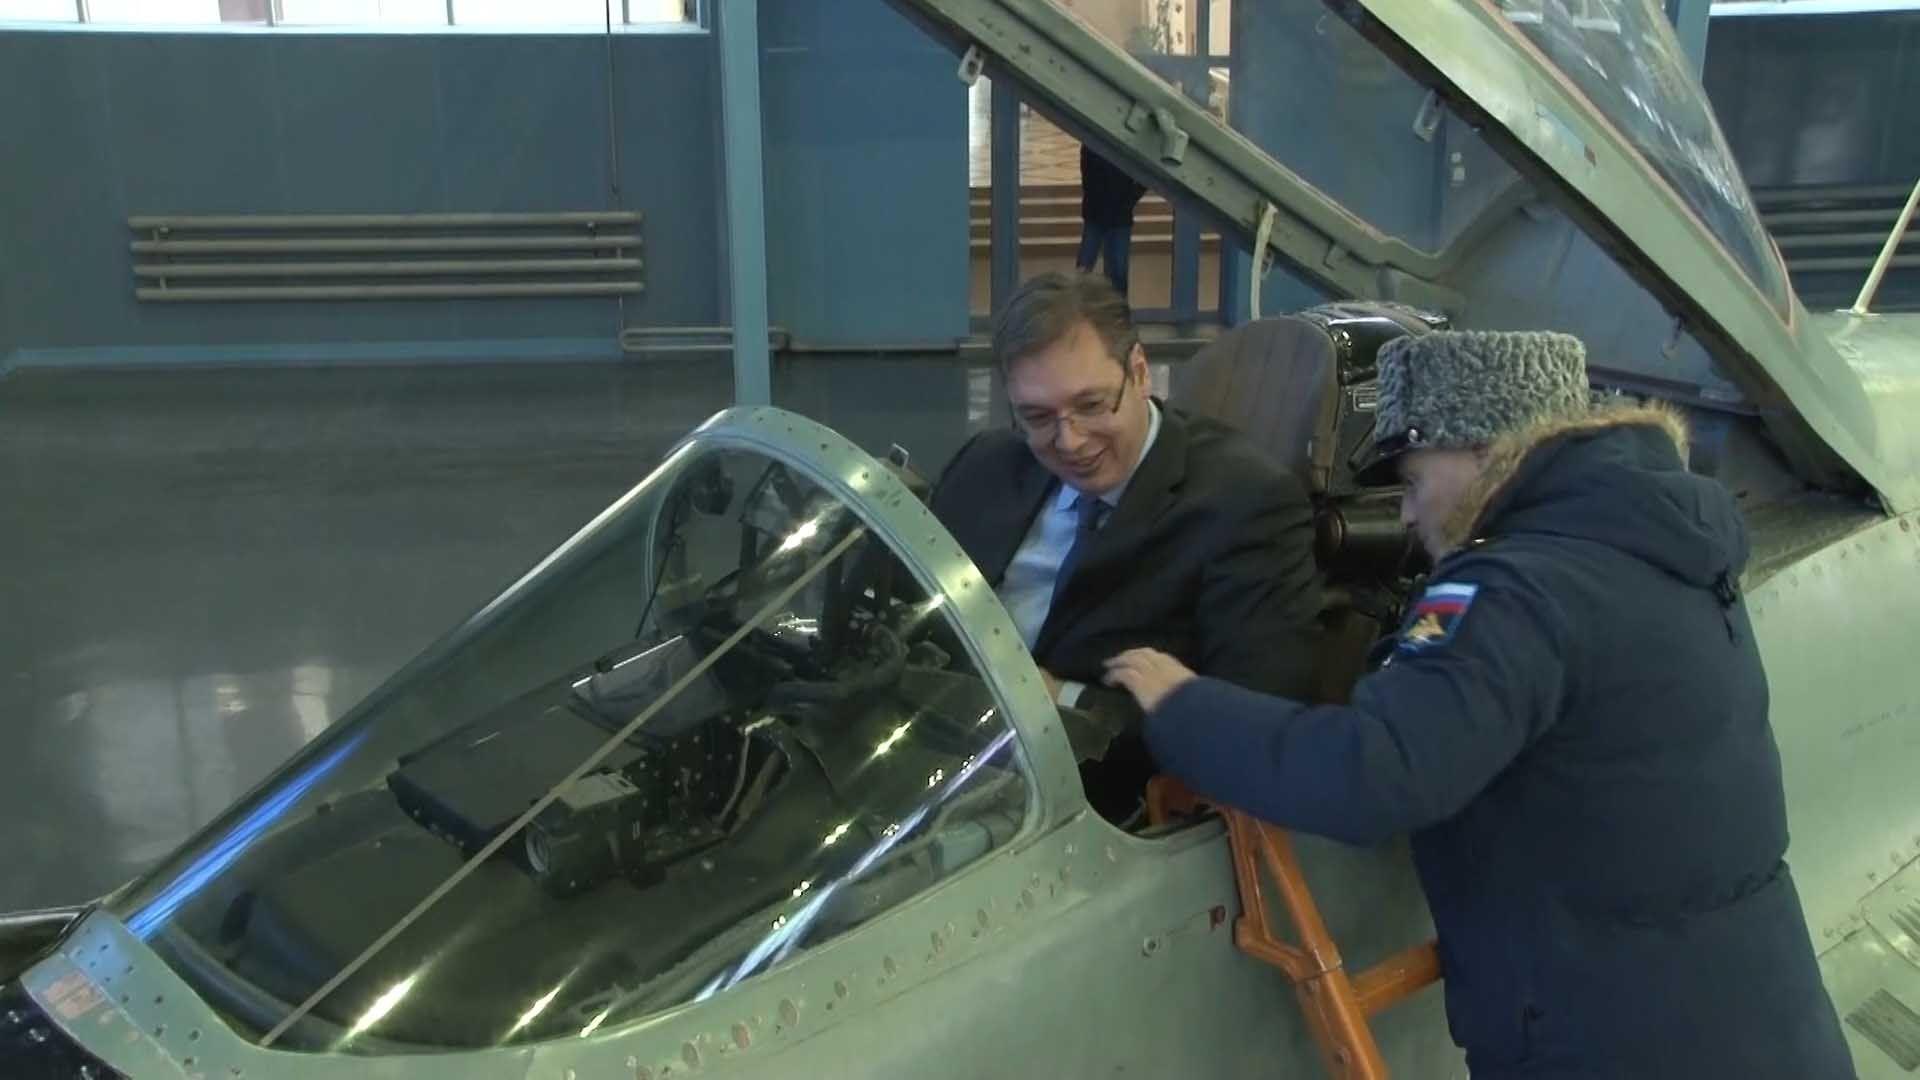 Premijer Srbije Aleksandar Vučić je tokom jednodnevne posete Moskvi 21. decembra obišao jedan od poligona ruske borbene avijacije gde je prisustvovao prezentaciji aviona i vojne opreme Ruske Federacije / Foto: FoNet